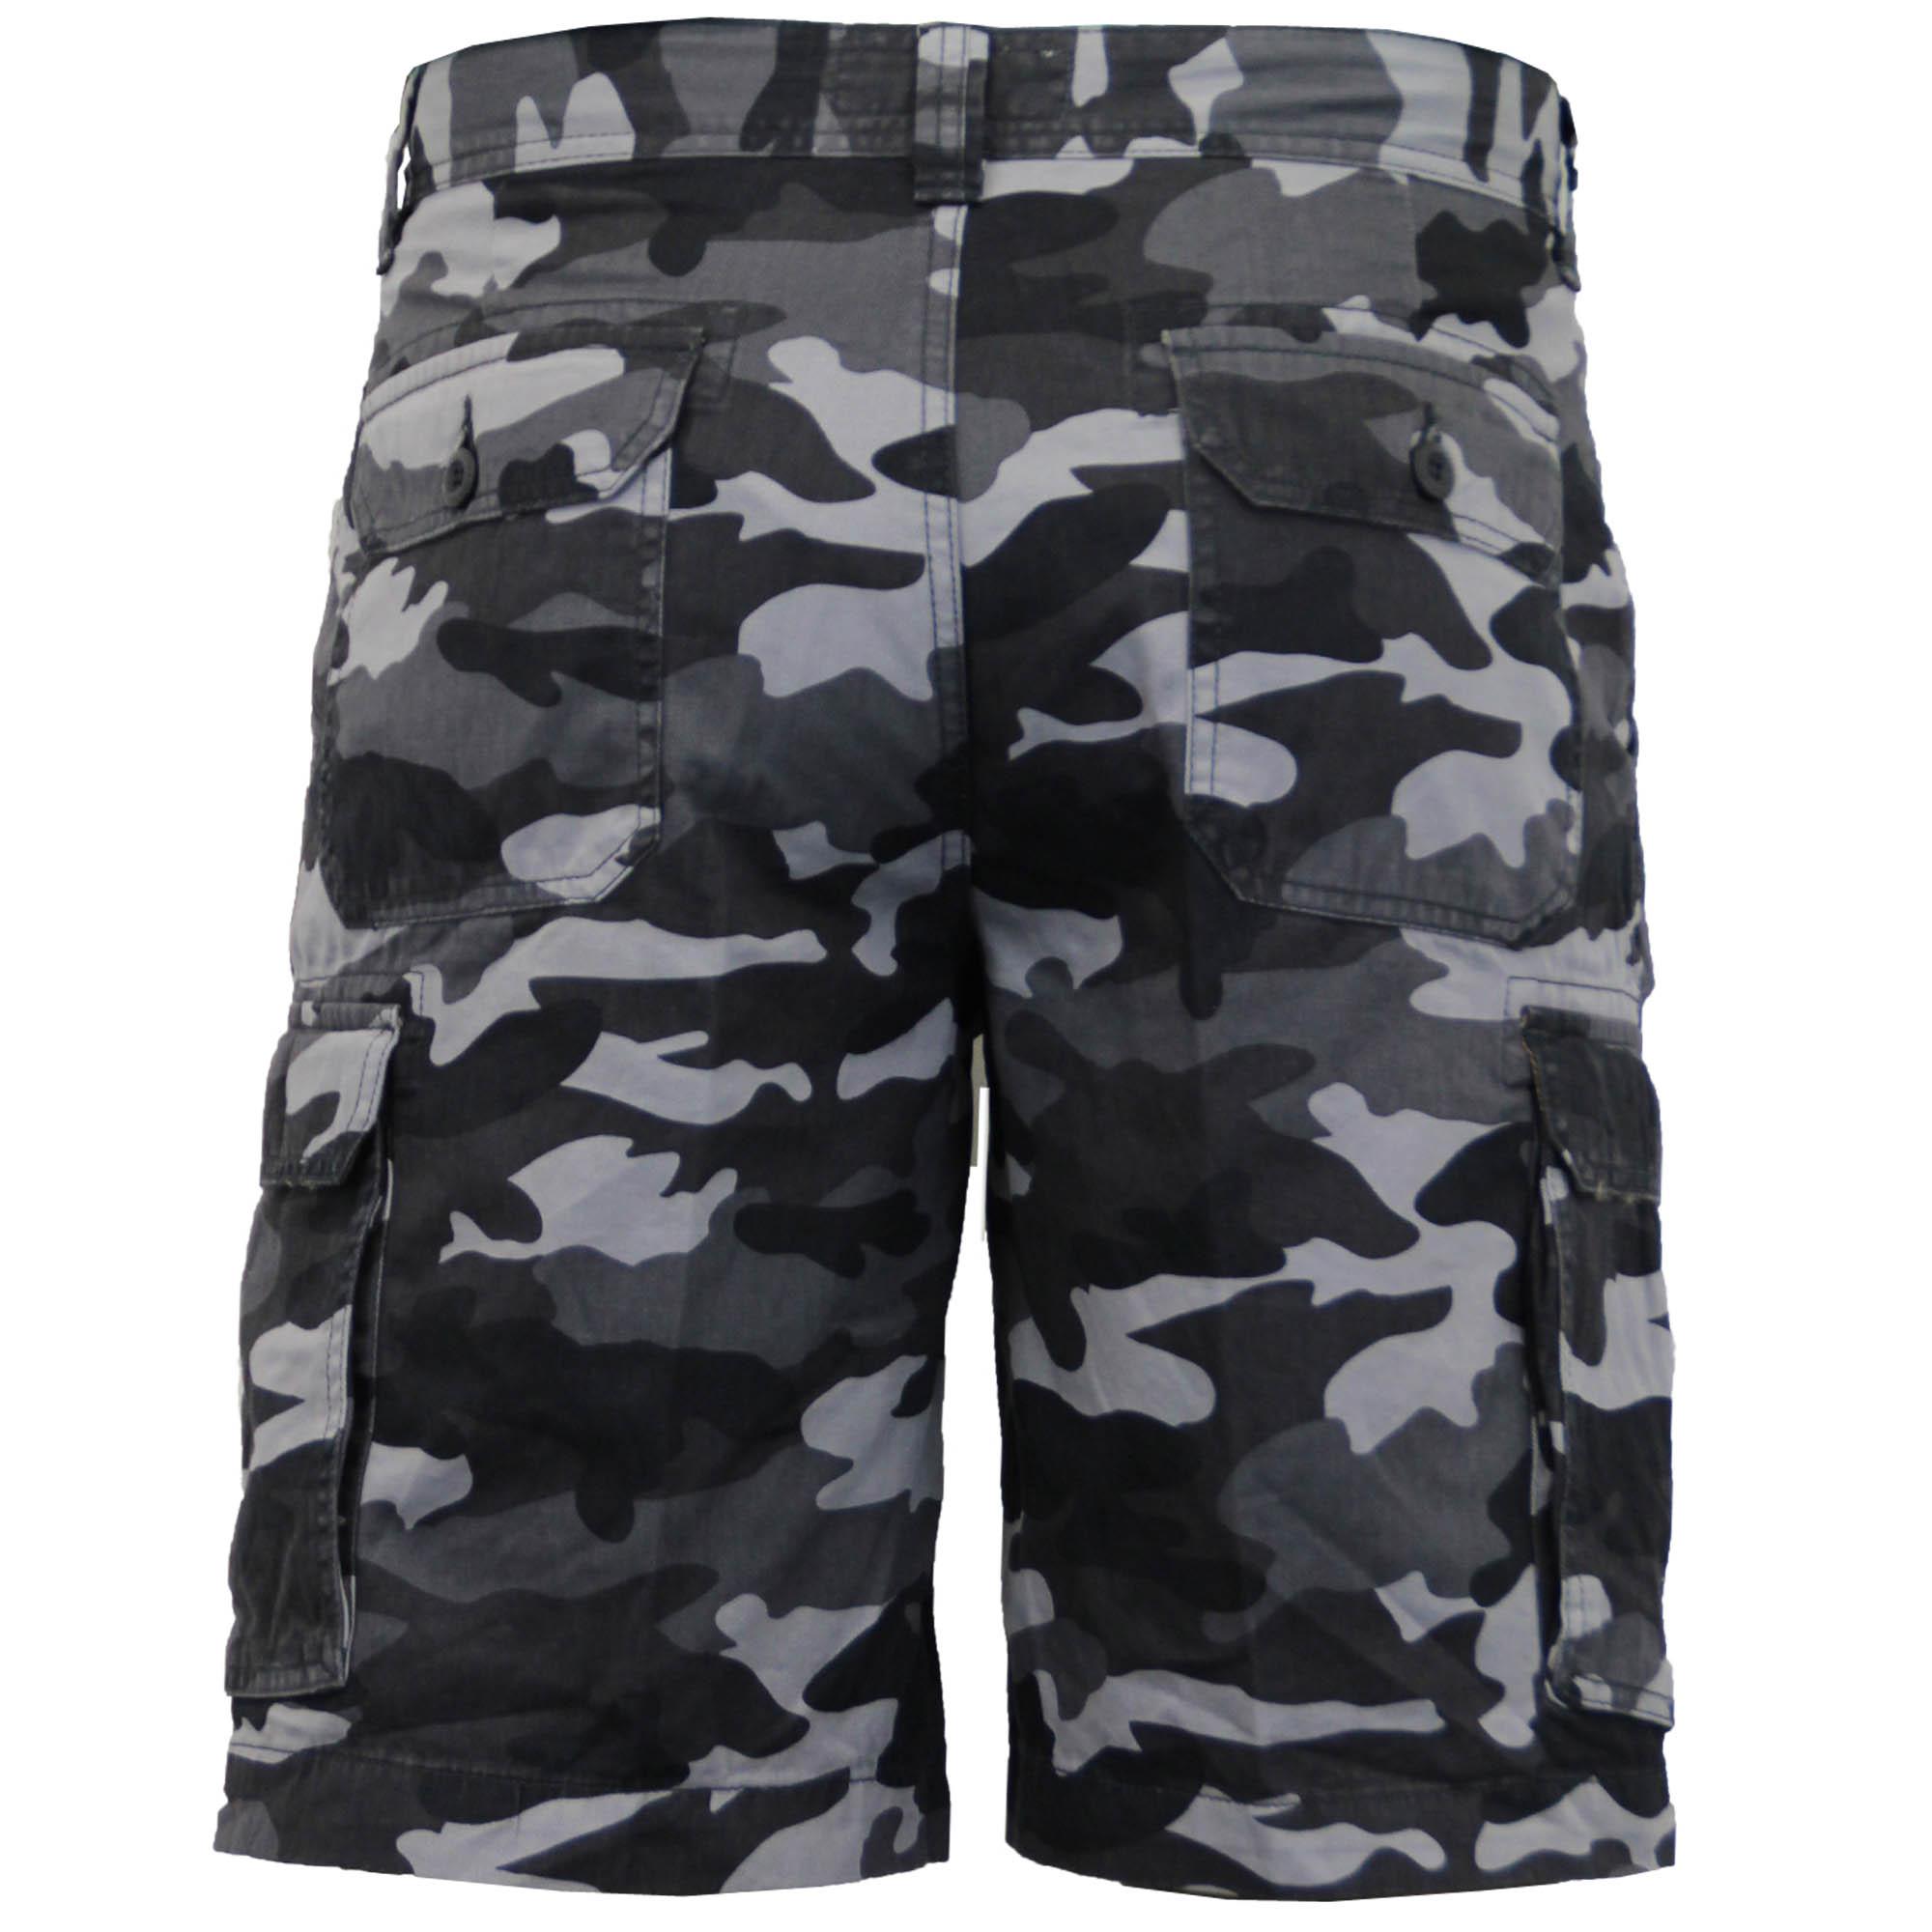 Para-Hombre-Pantalones-Cortos-Estilo-Cargo-De-Camuflaje-Combate-Largo-Hasta-La-Rodilla-Militar miniatura 4